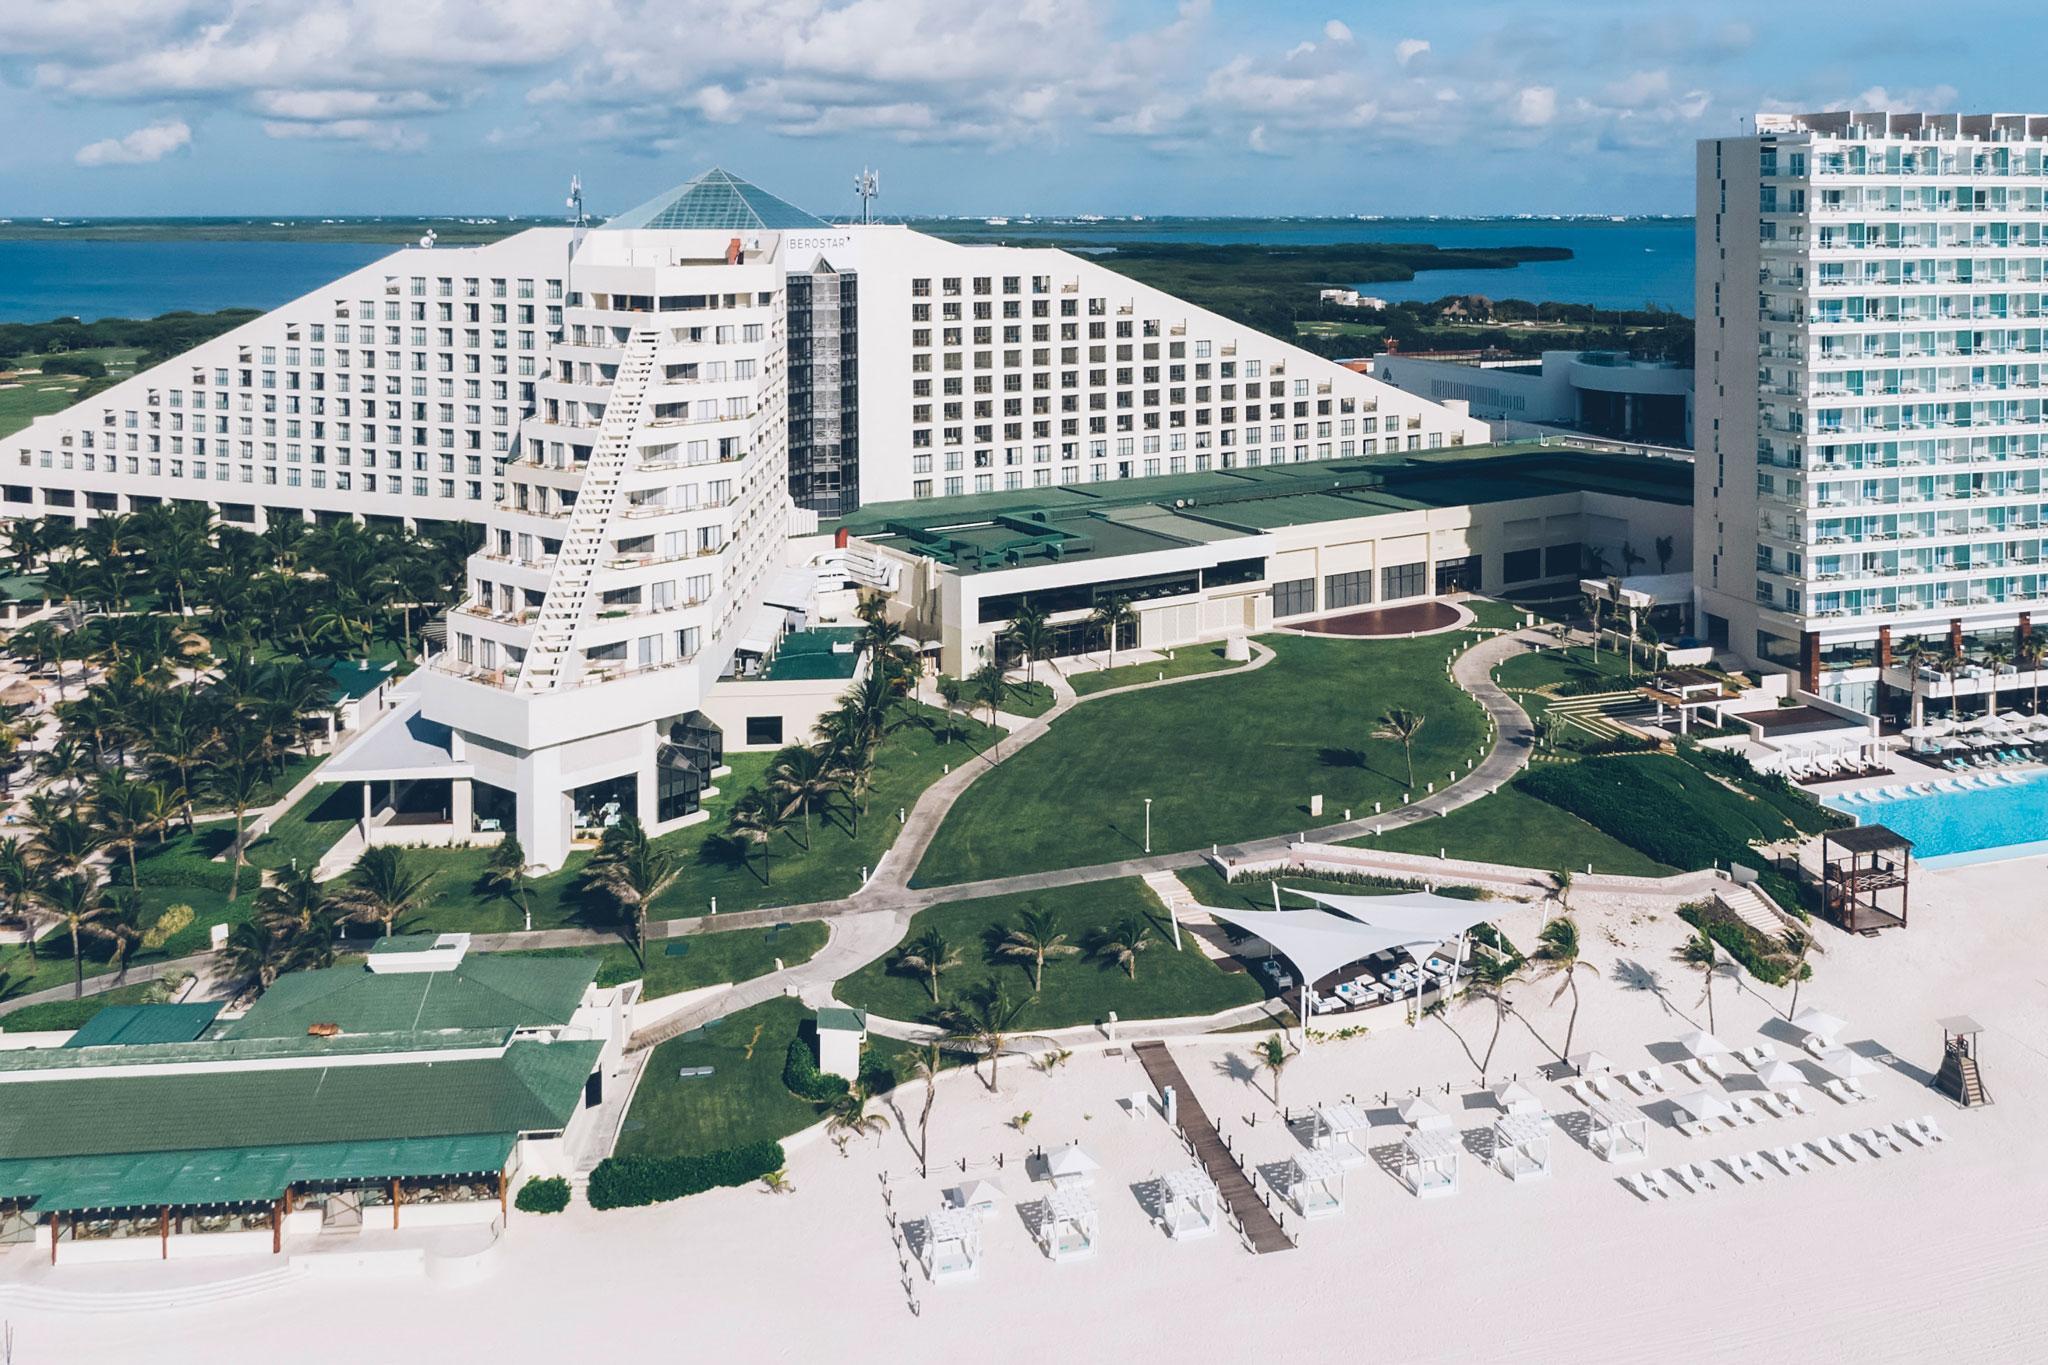 Iberostar Cancun Cancun Transat